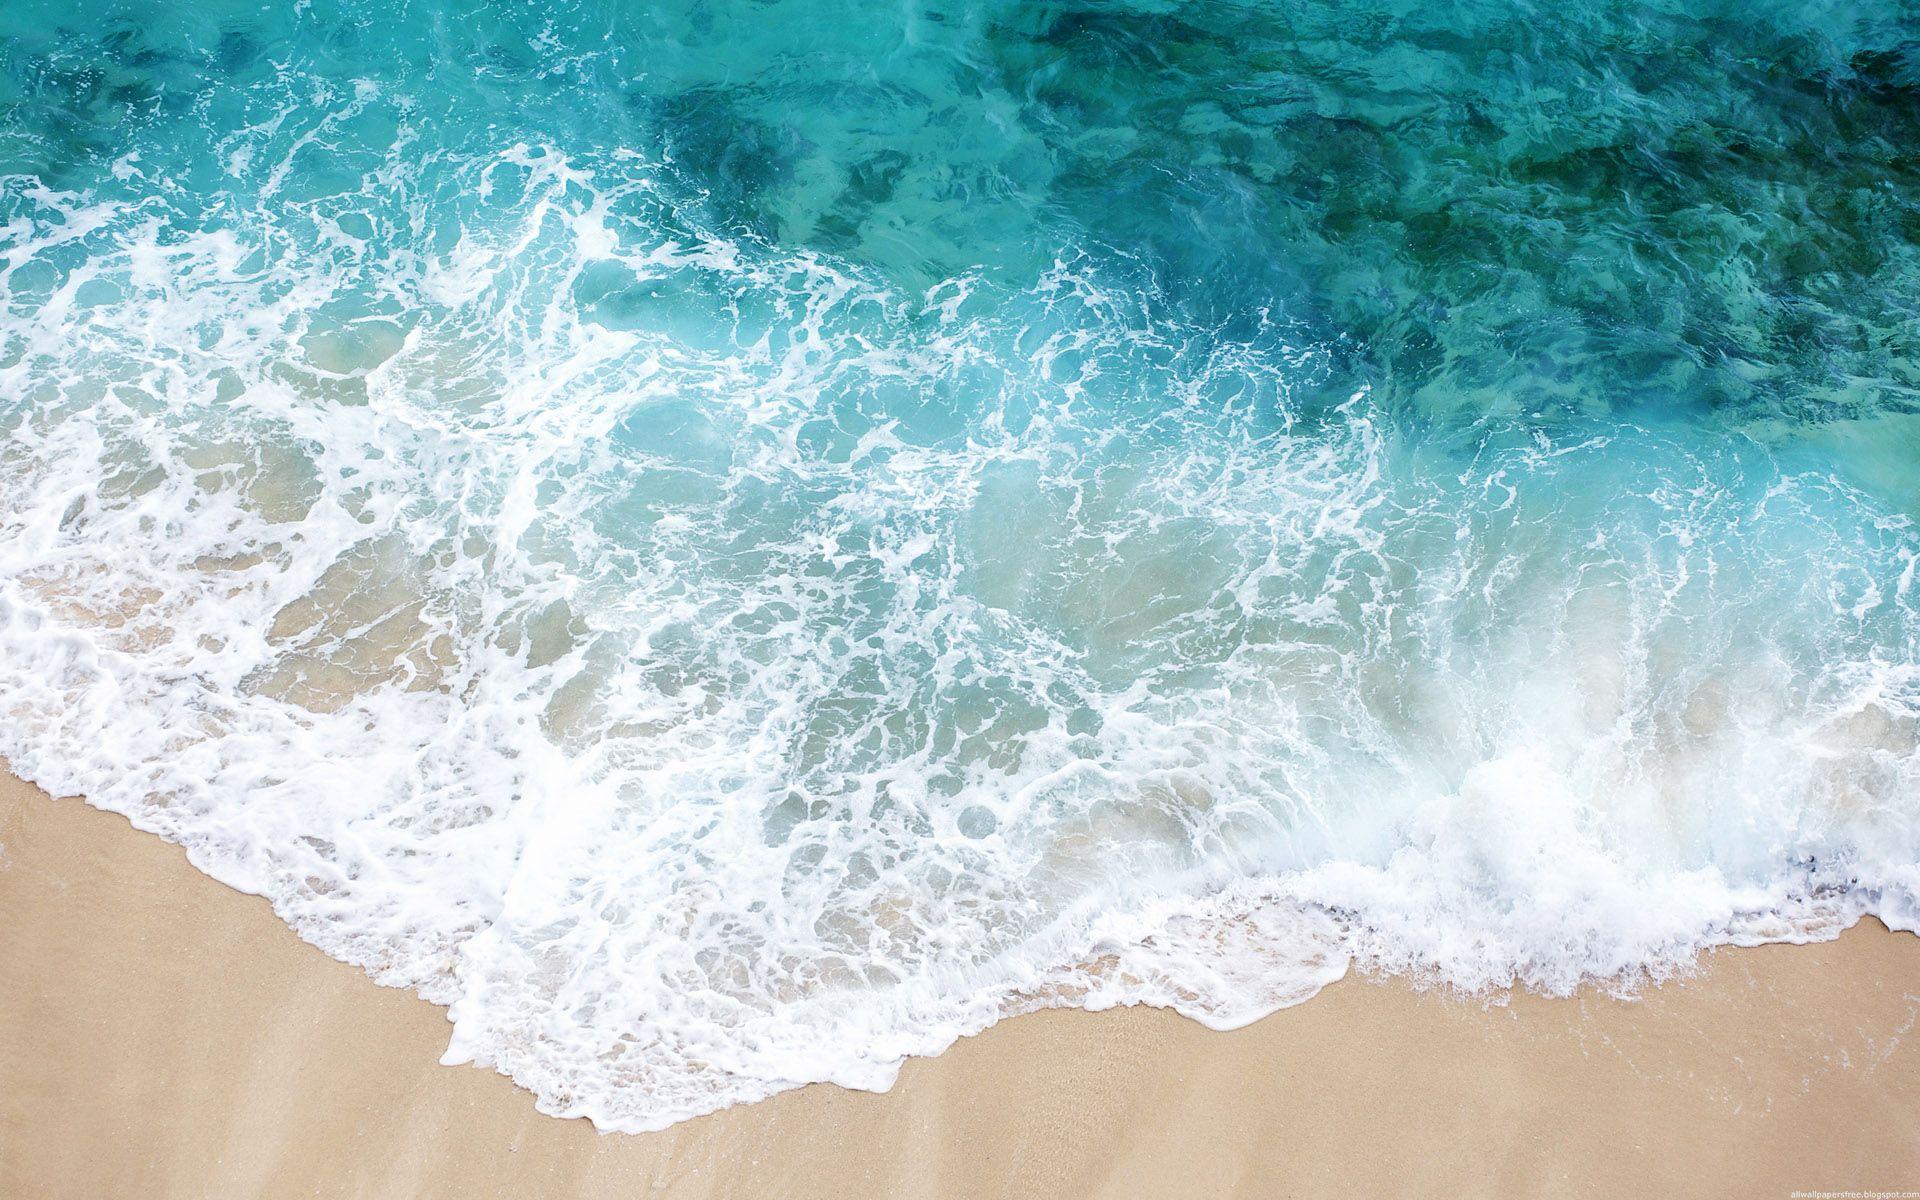 壁纸1920×1200海洋世界动态桌面壁纸壁纸